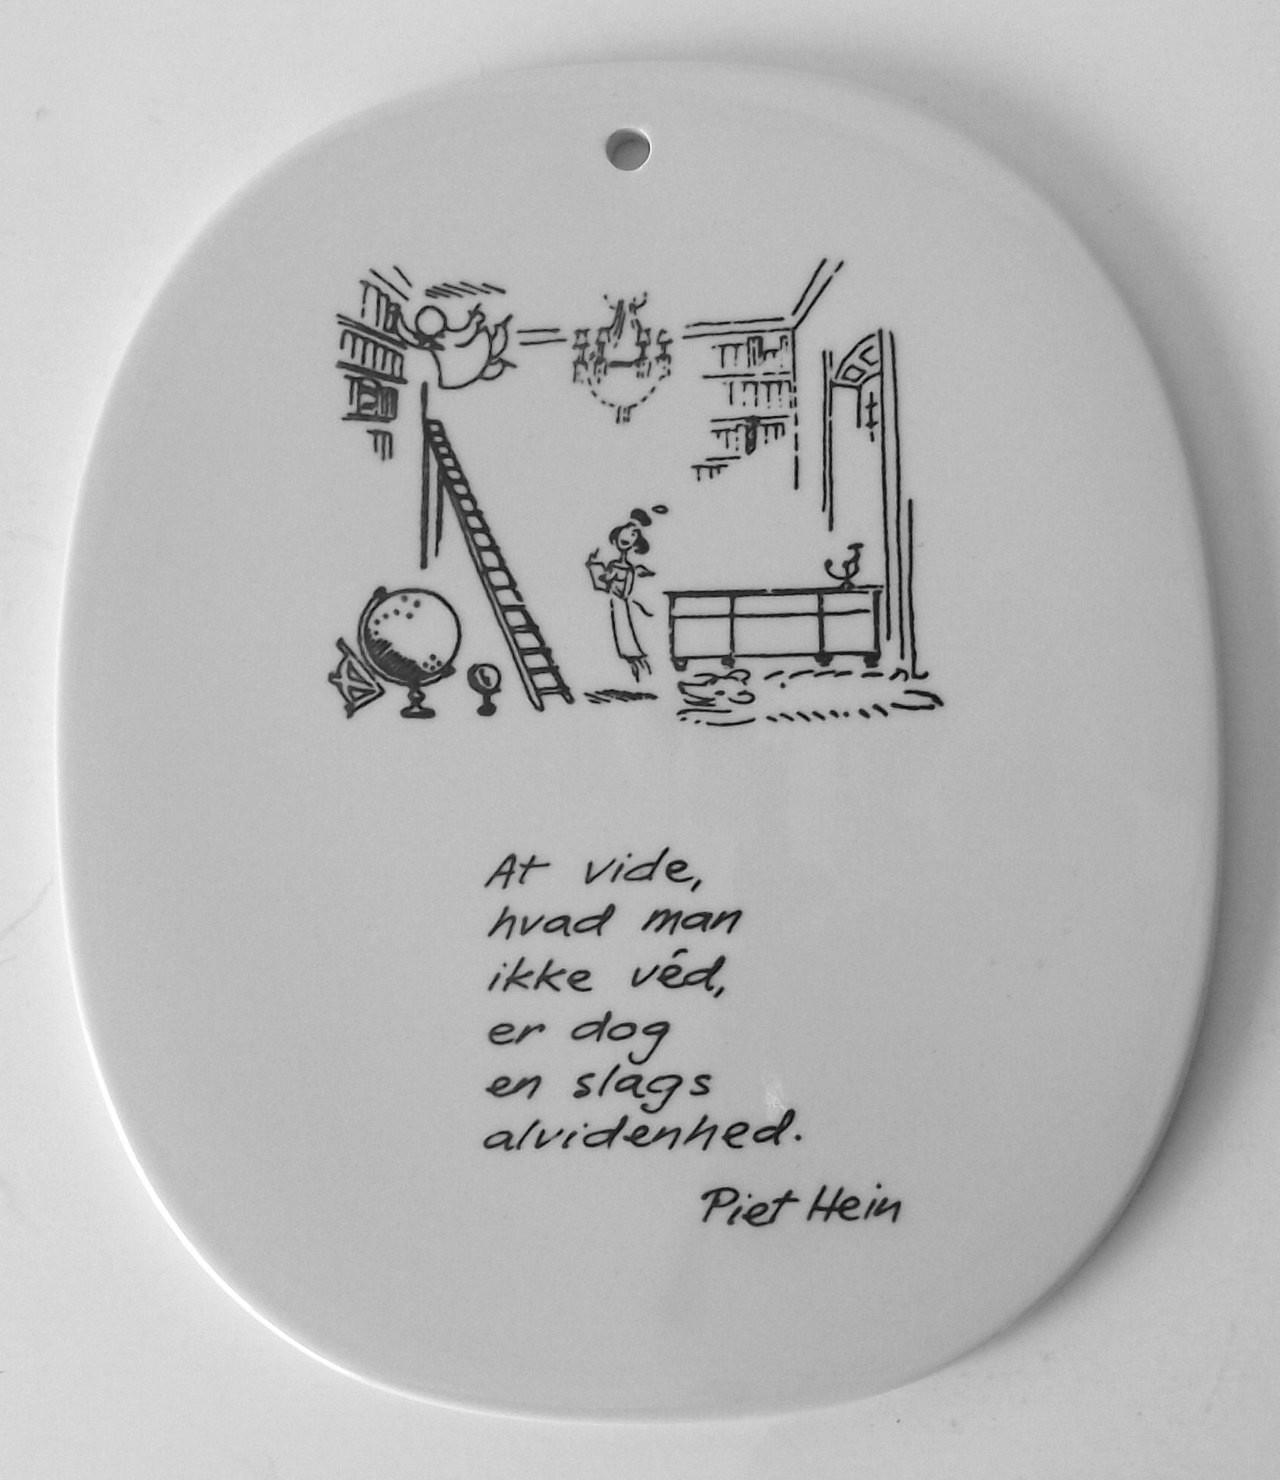 Piet Hein: At vide hvad man ikke véd er dog en slags alvidenhed.